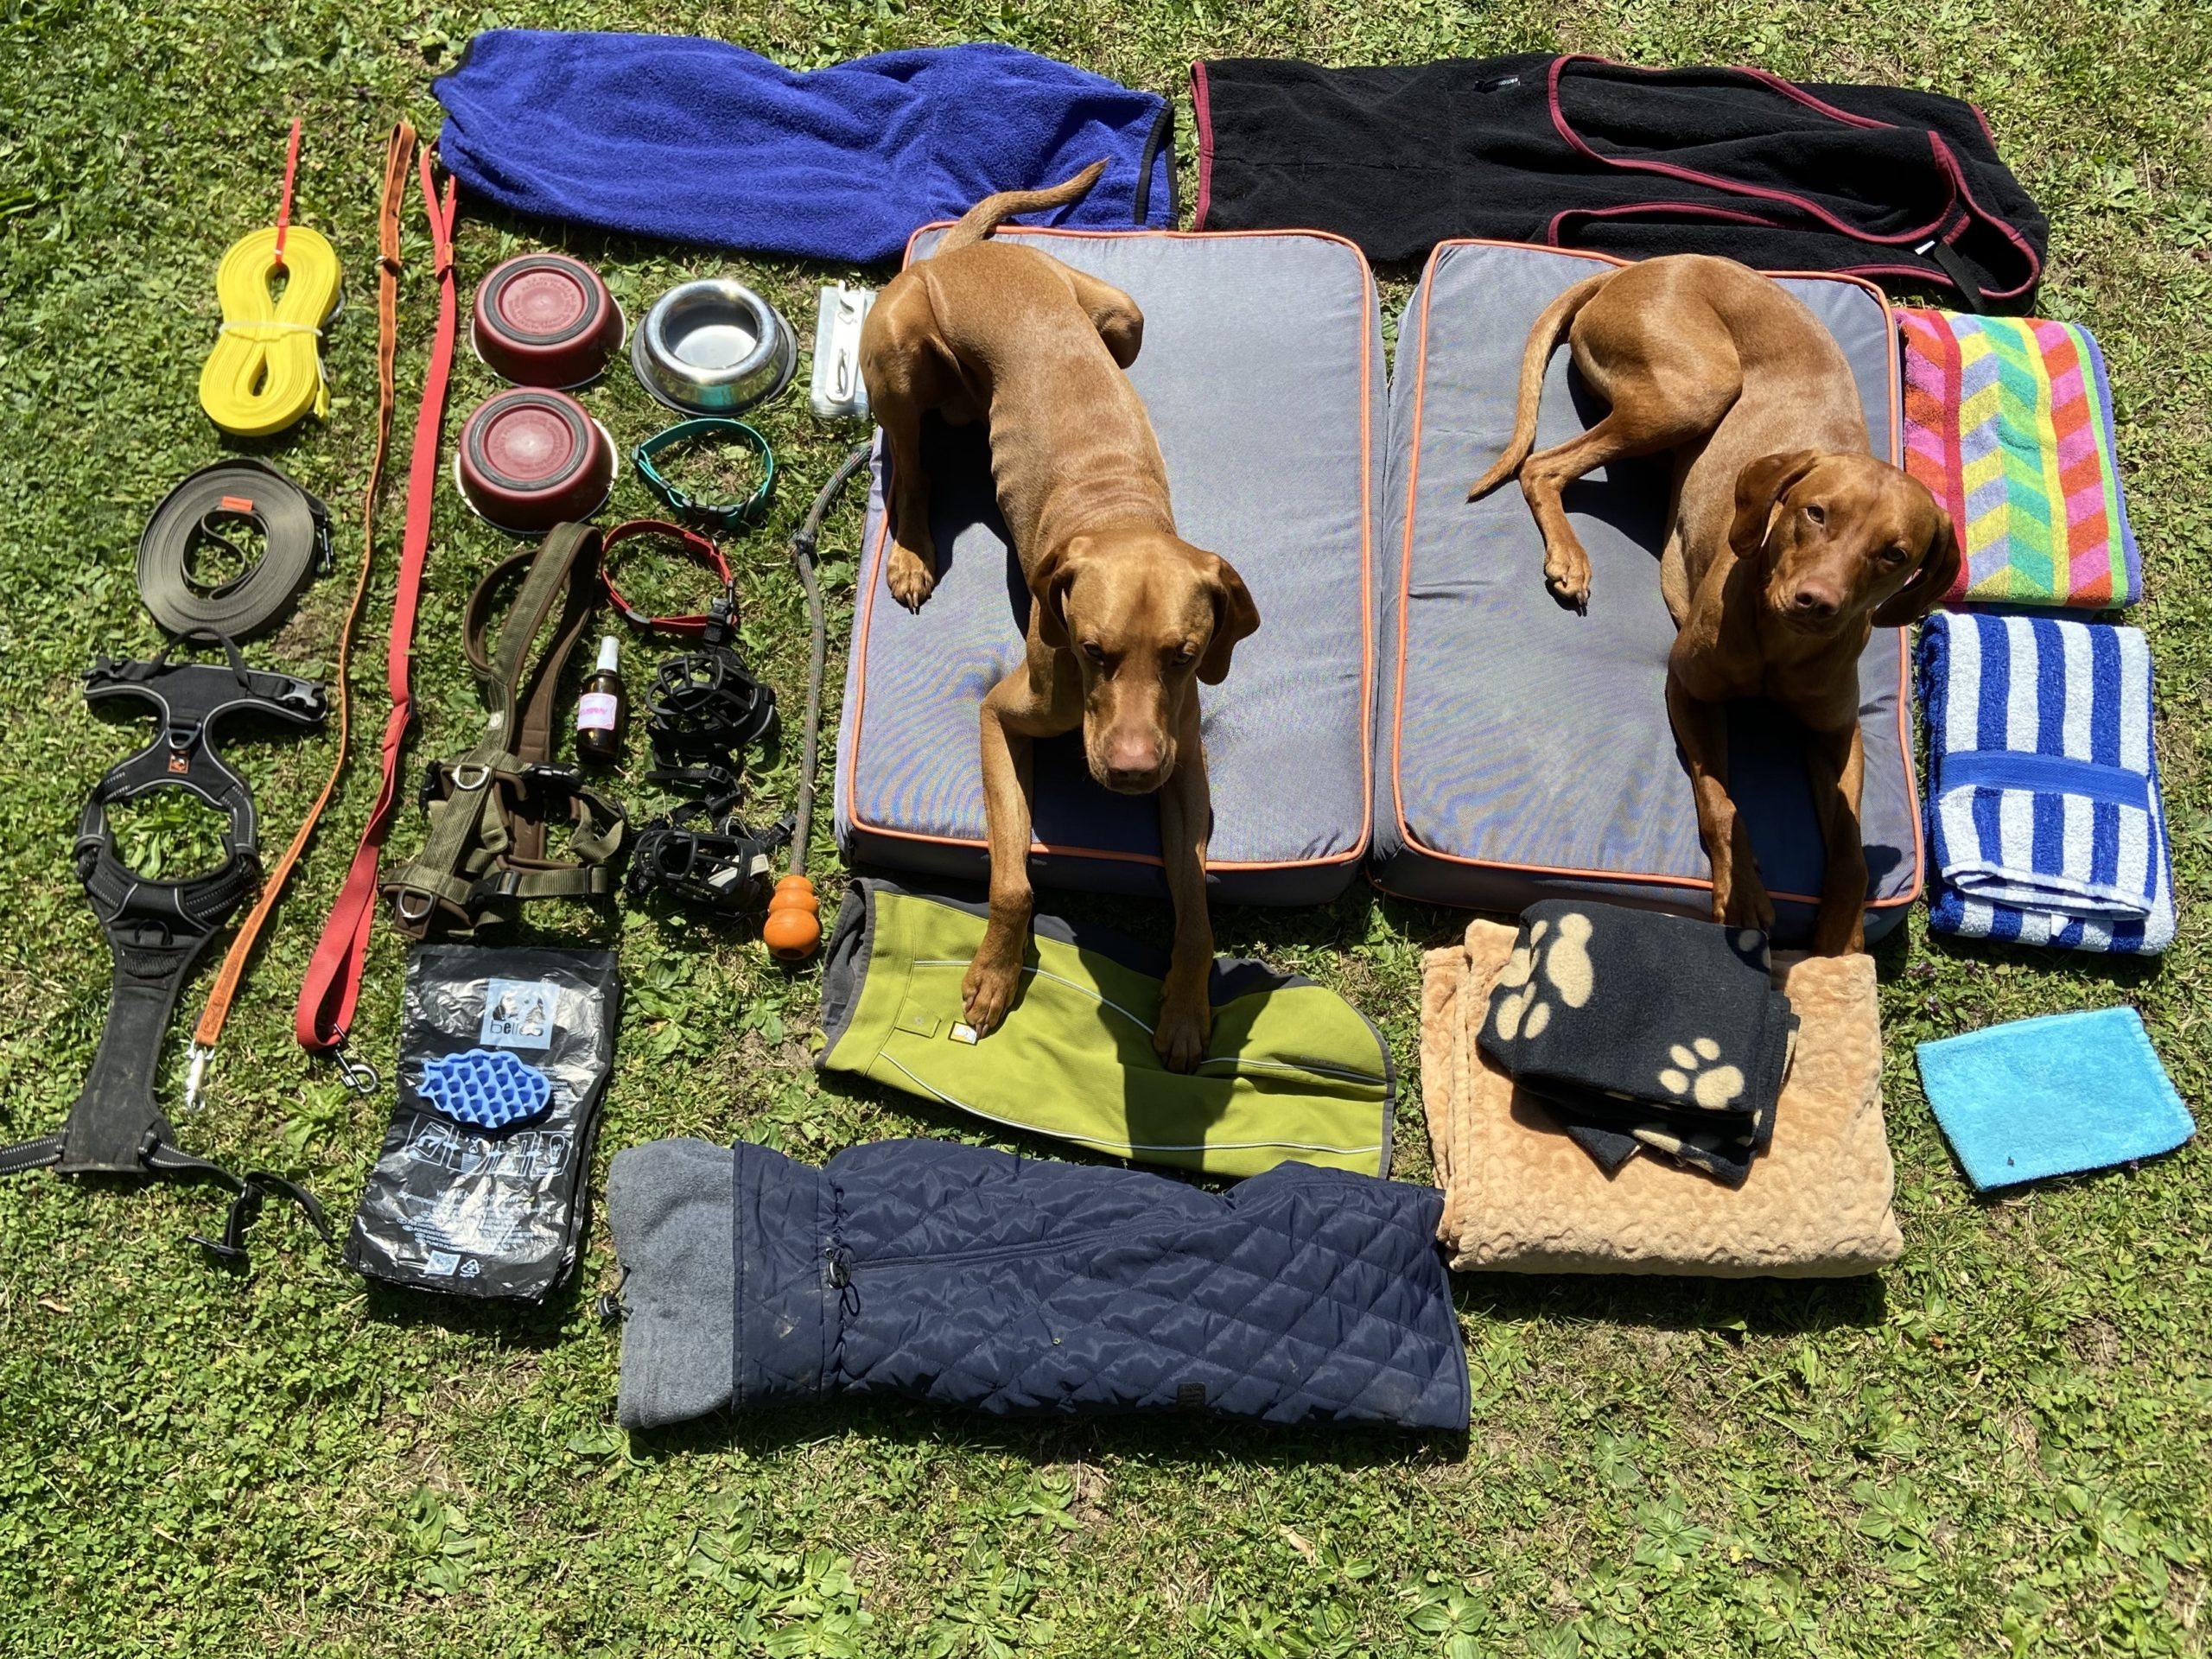 Man sieht vieles verschiedenes Hundezubehör auf einer Wiese ausgebreitet und zwei Hunde